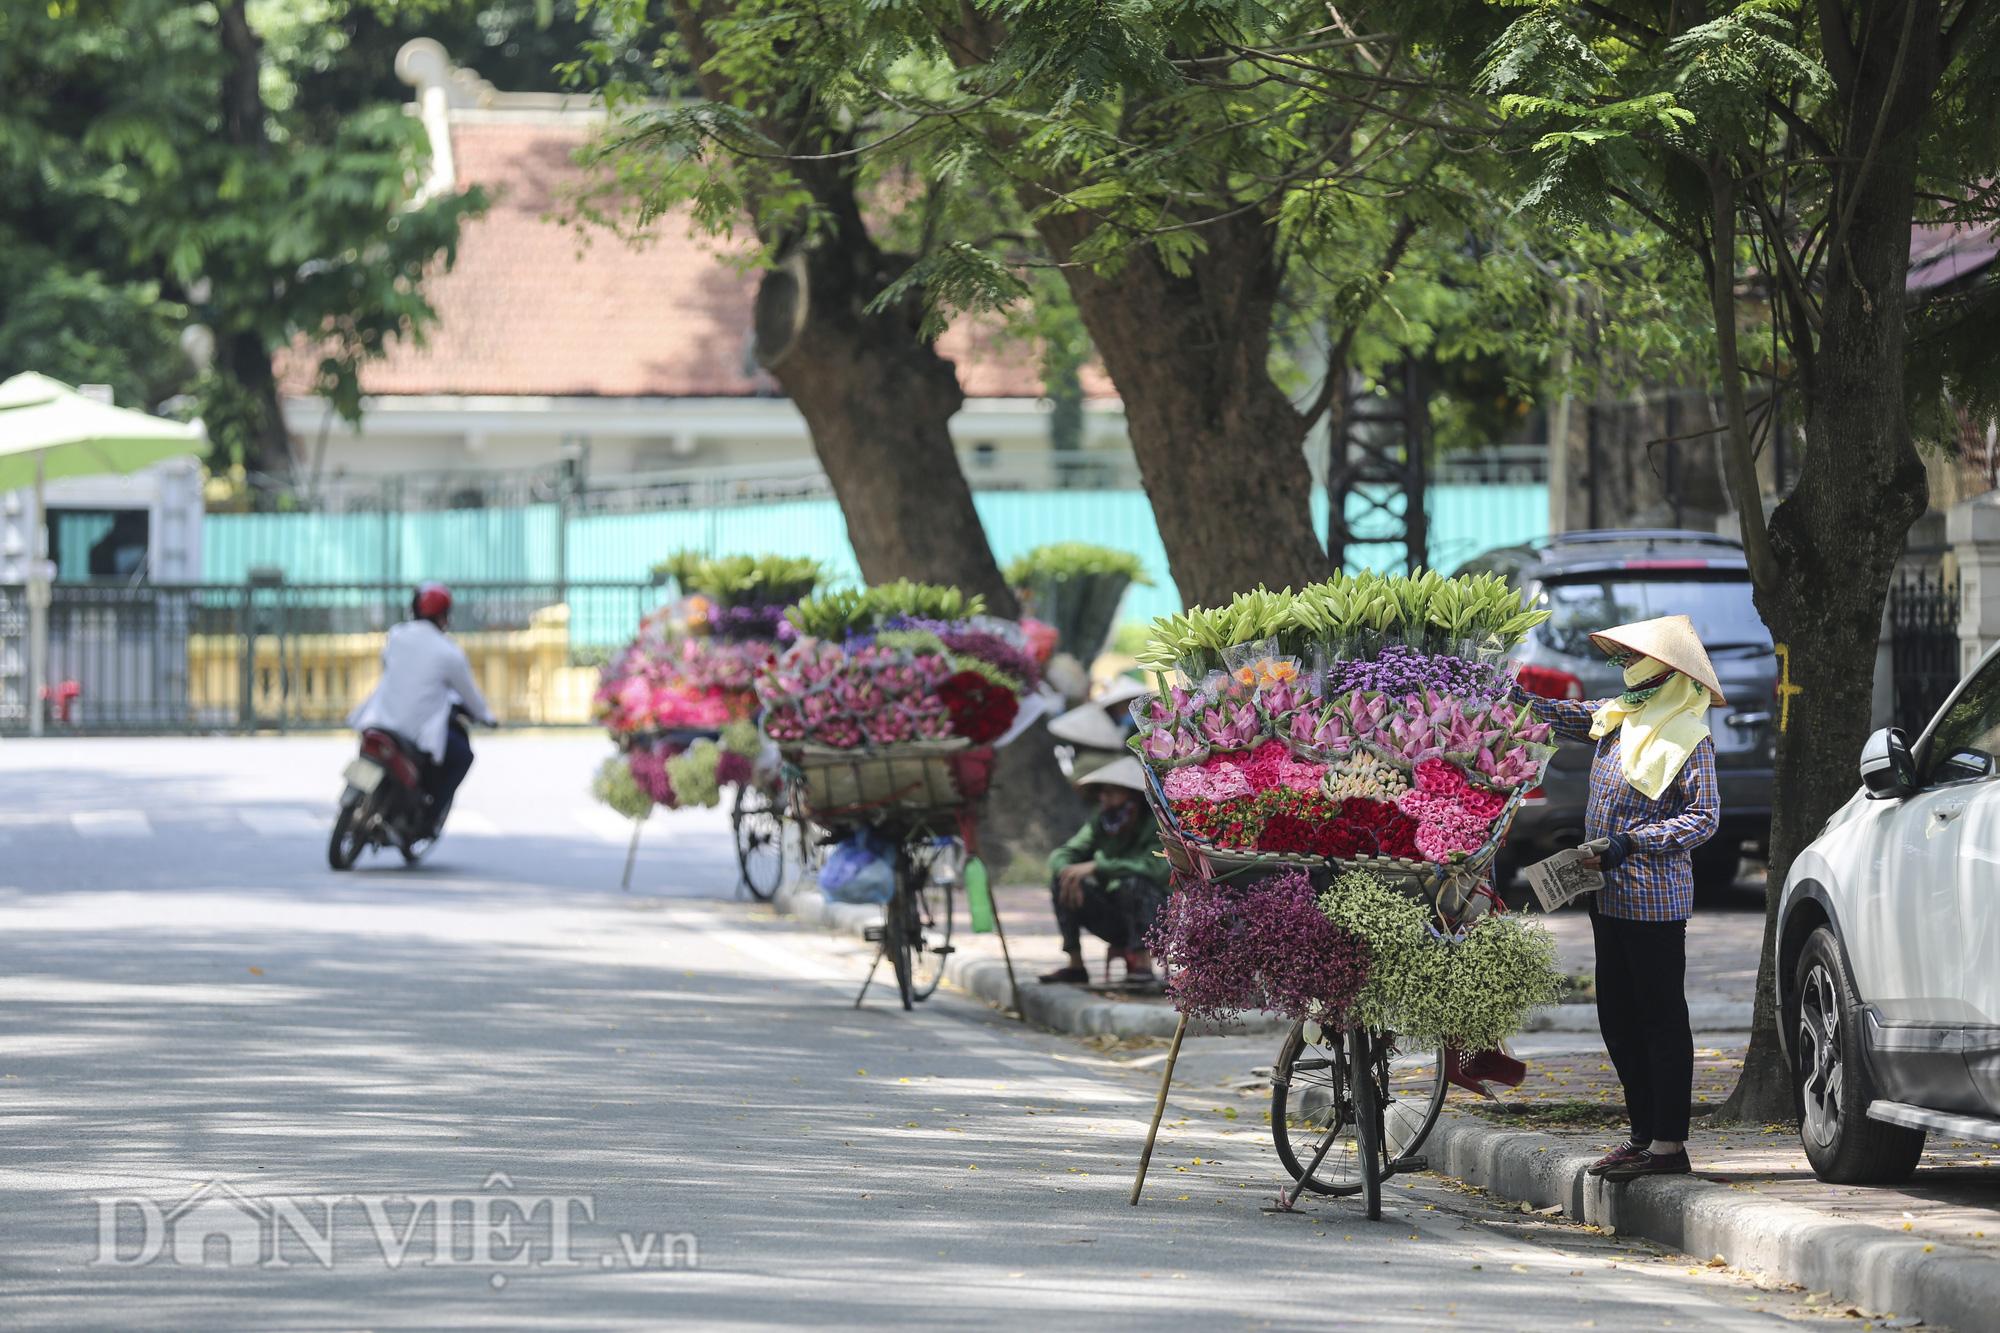 Sen đầu mua khoe sắc, len lỏi khắp phố phường Hà Nội - Ảnh 1.